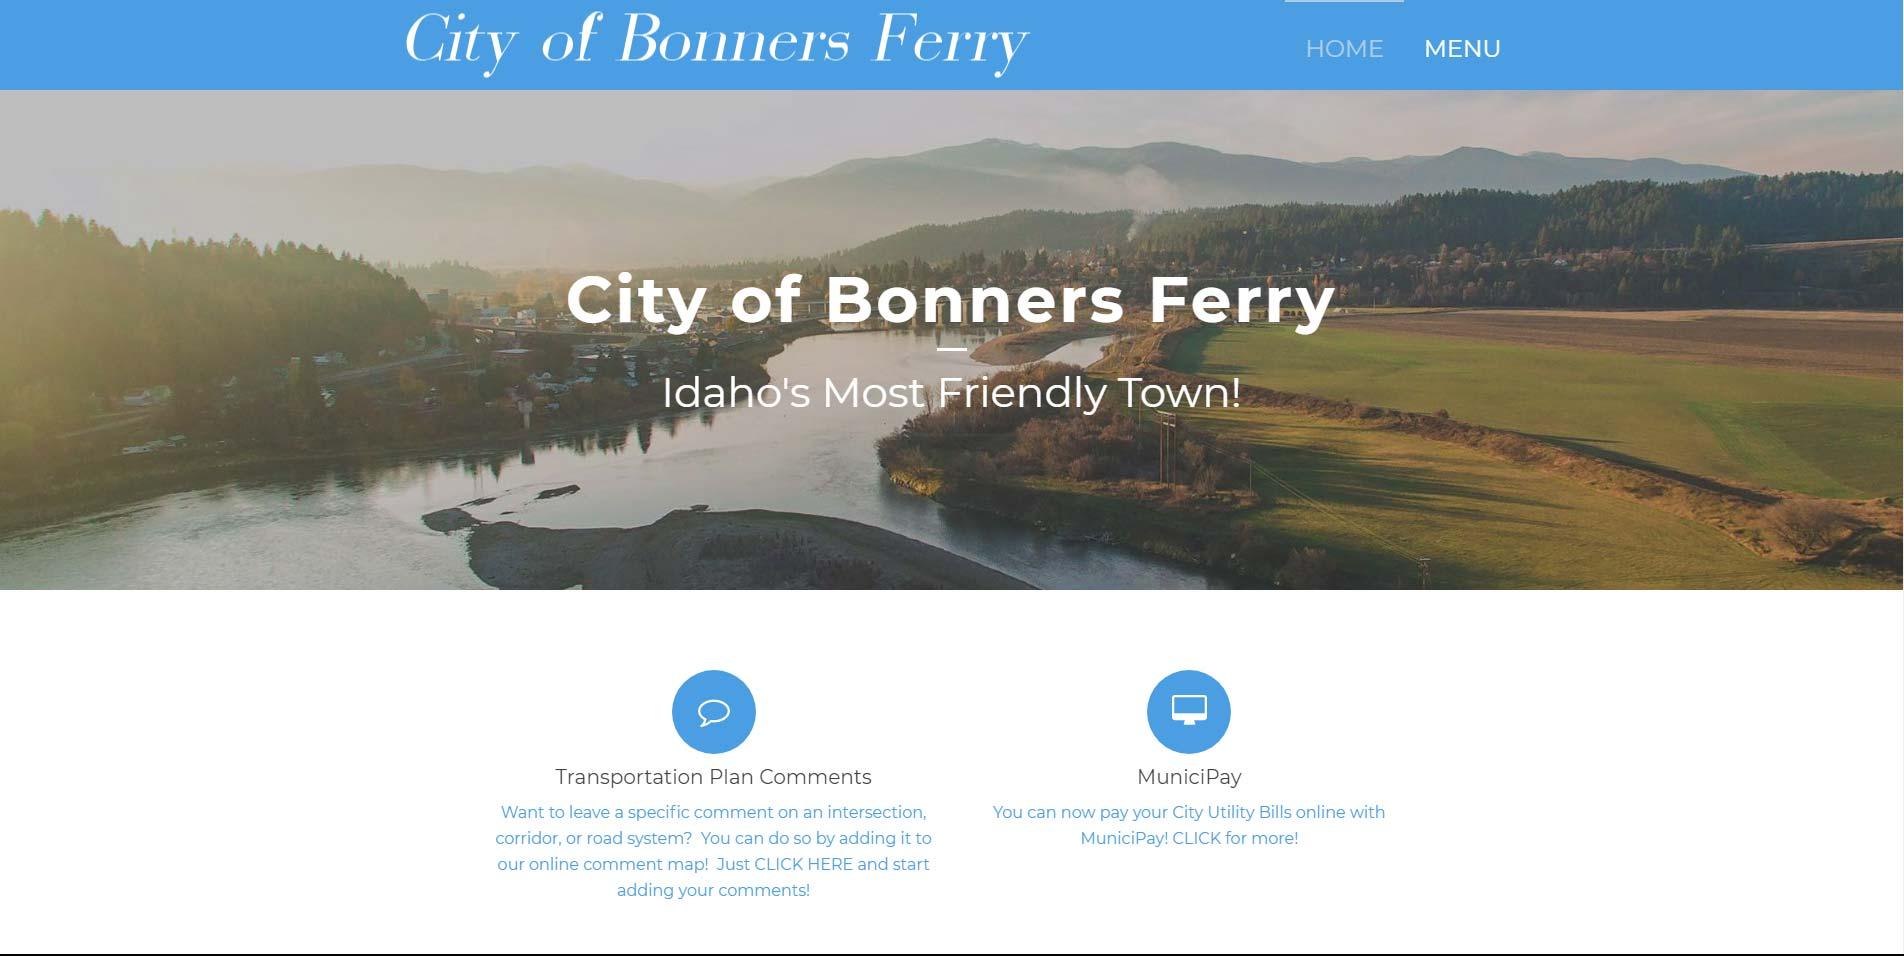 CBF_Home-Page.jpg